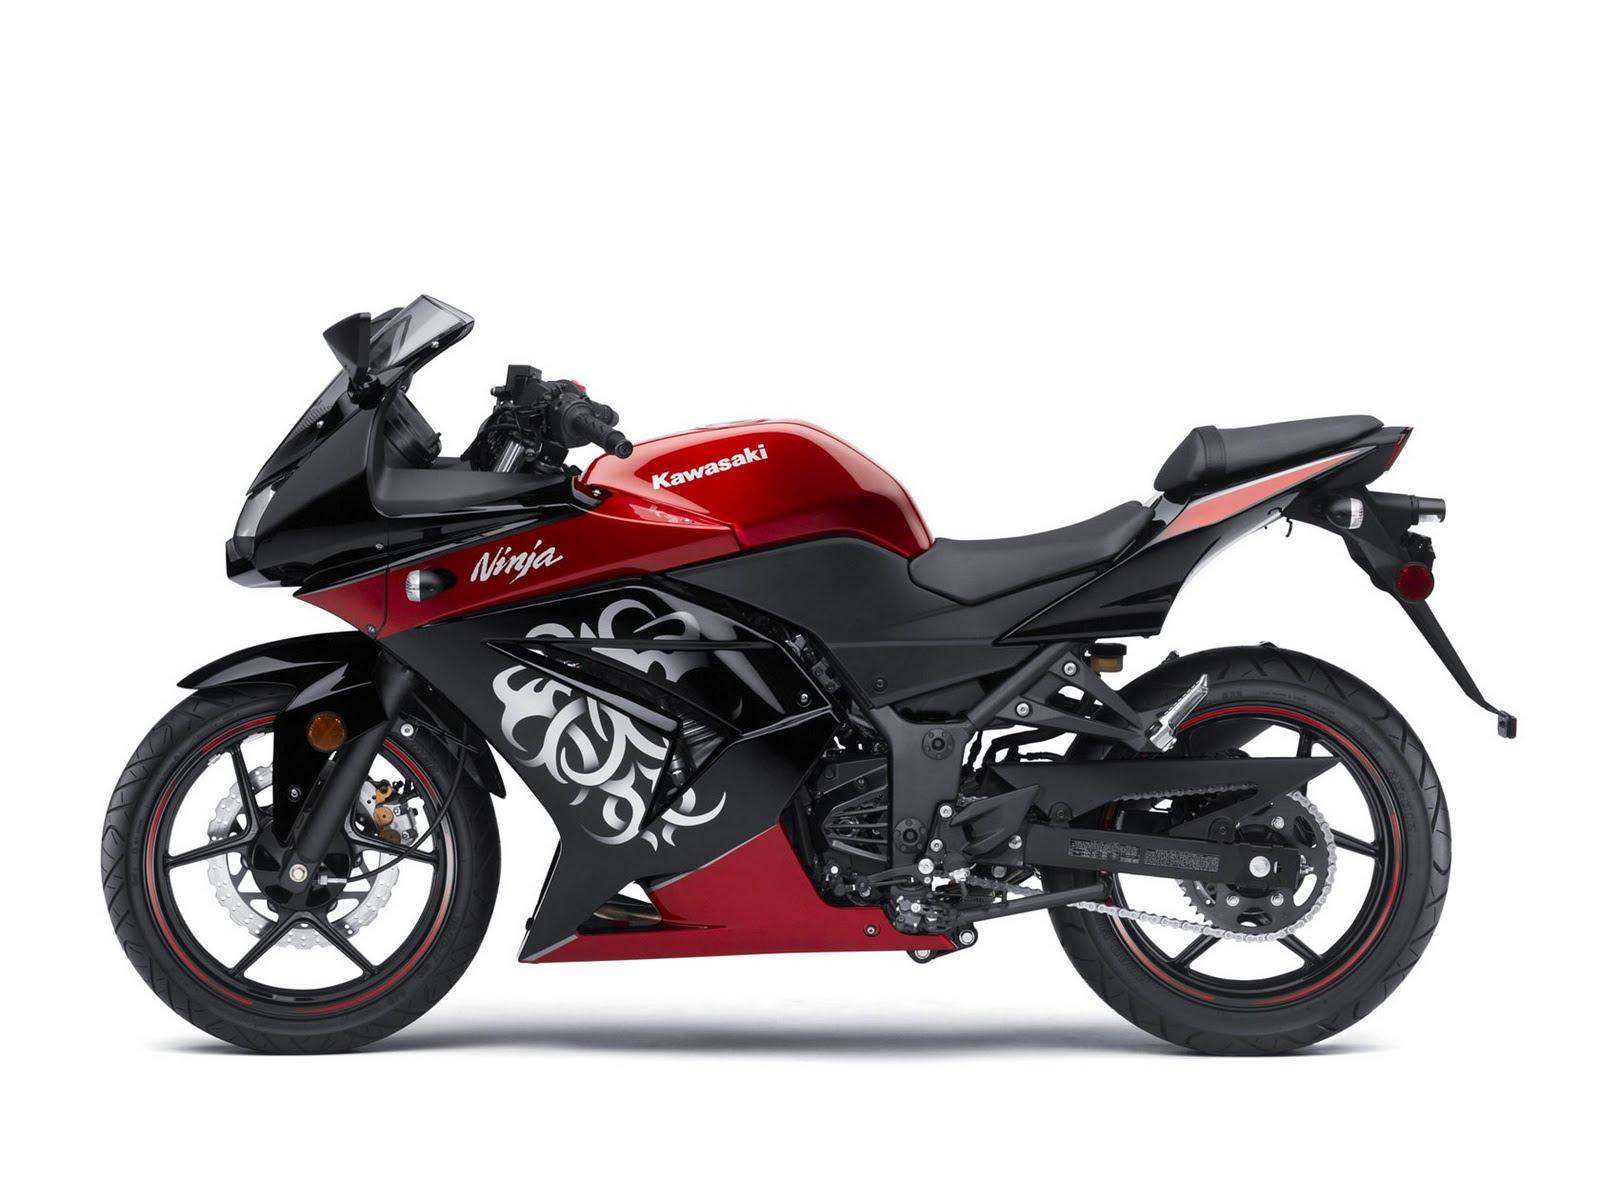 Motorcycle Modifications August 2010 All New Cbr 150r Racing Red Banyumas Kawasaki Ninja 250r Black